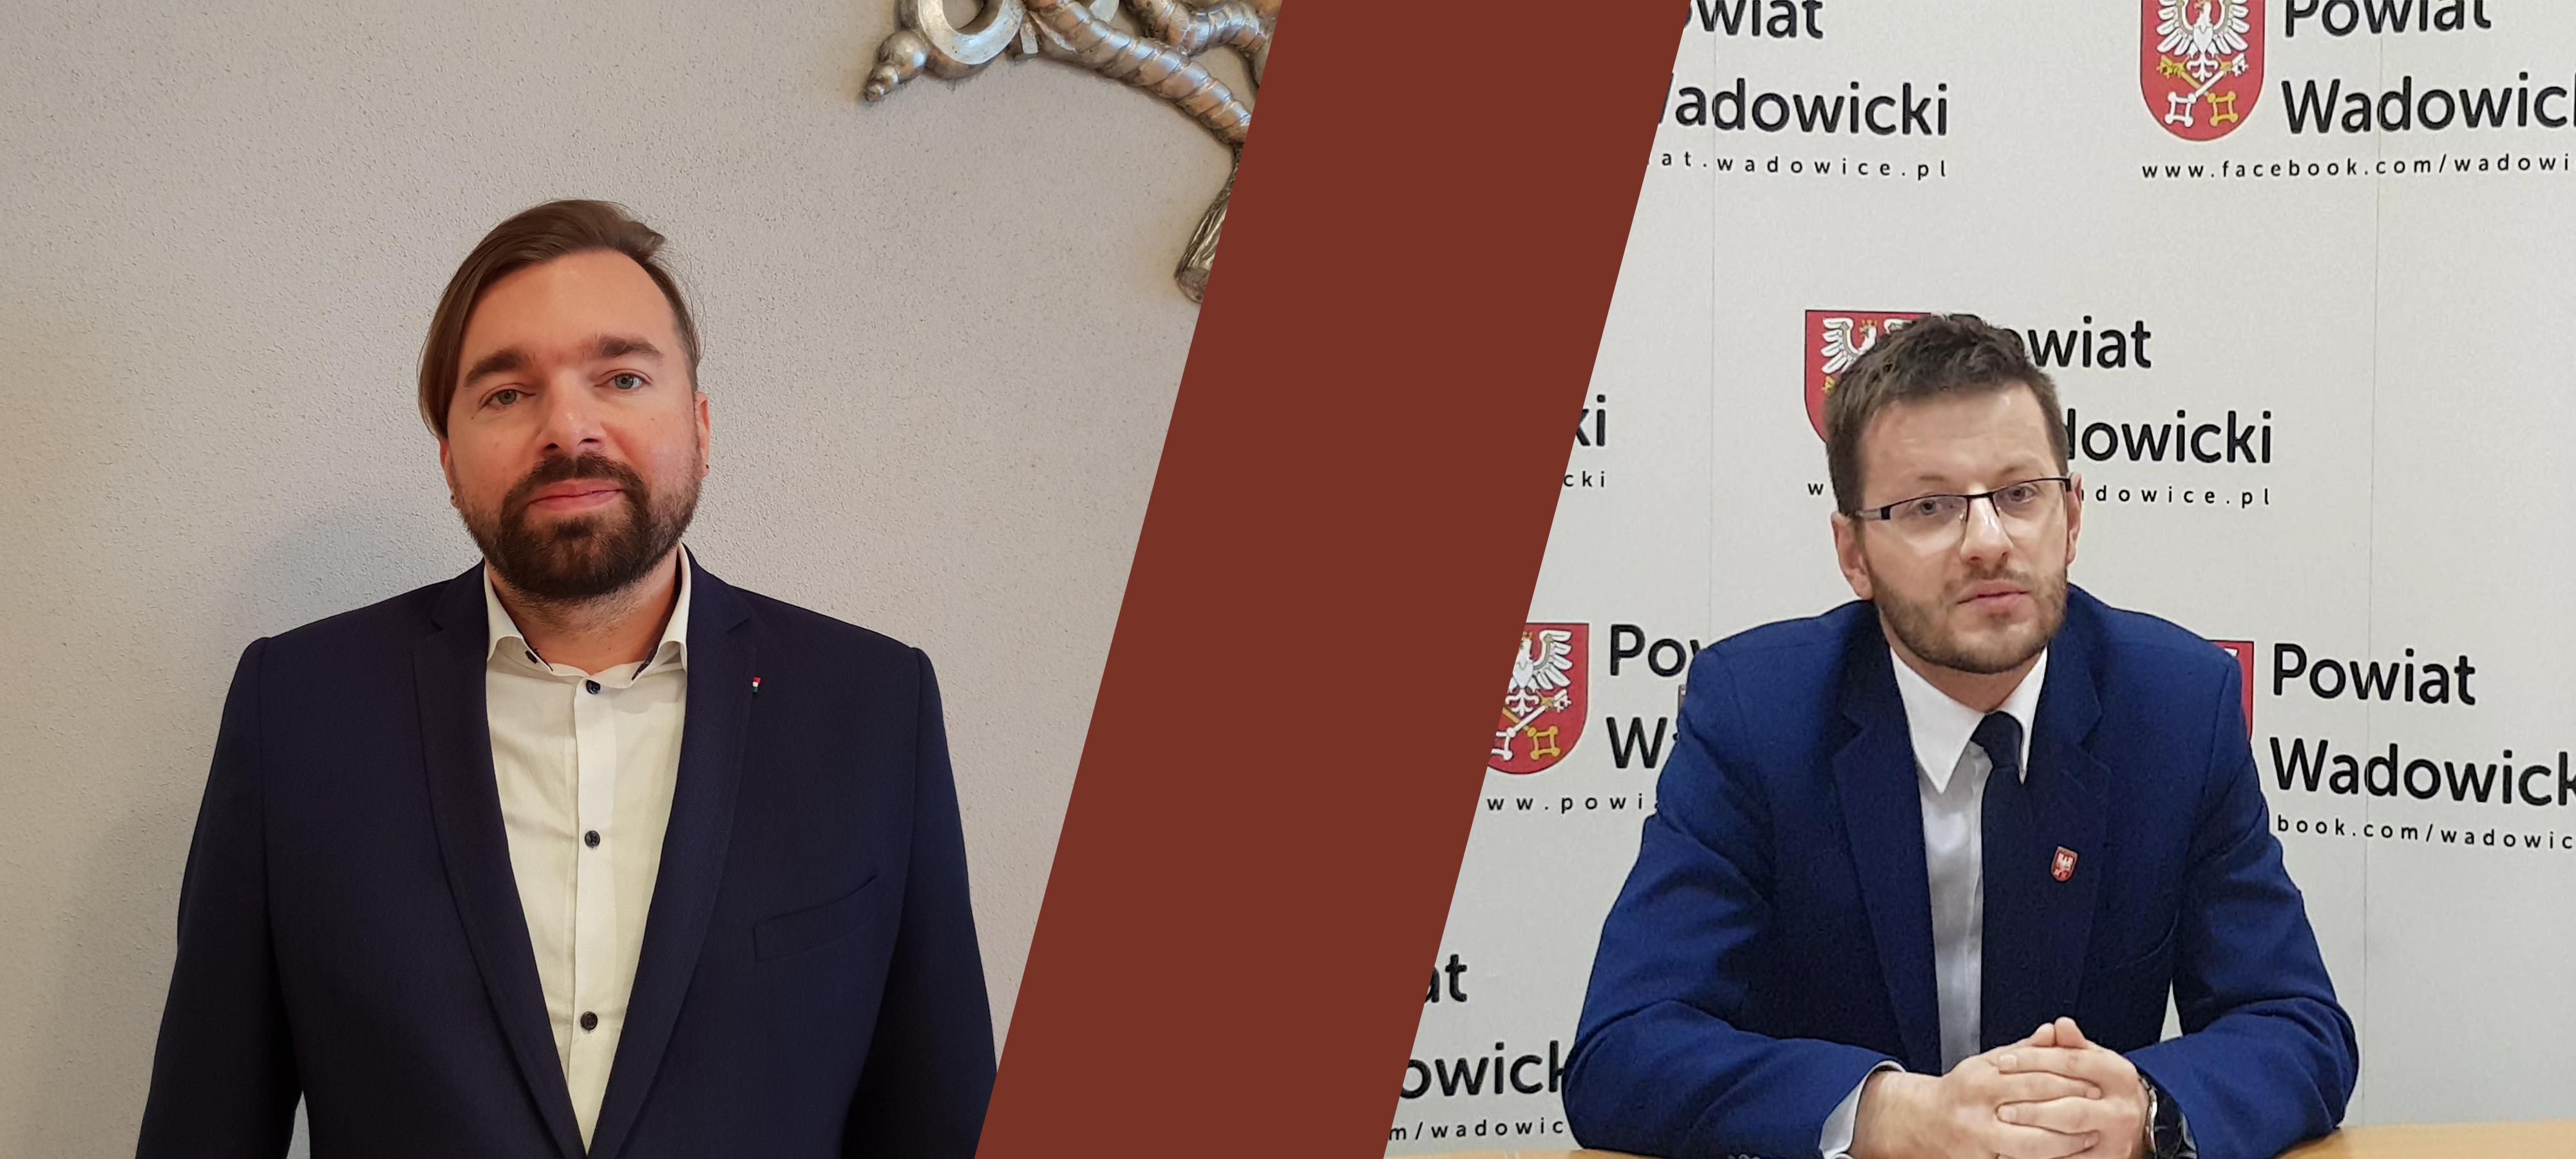 Klinowski i Kaliński komentują wyniki I tury wyborów w Wadowicach